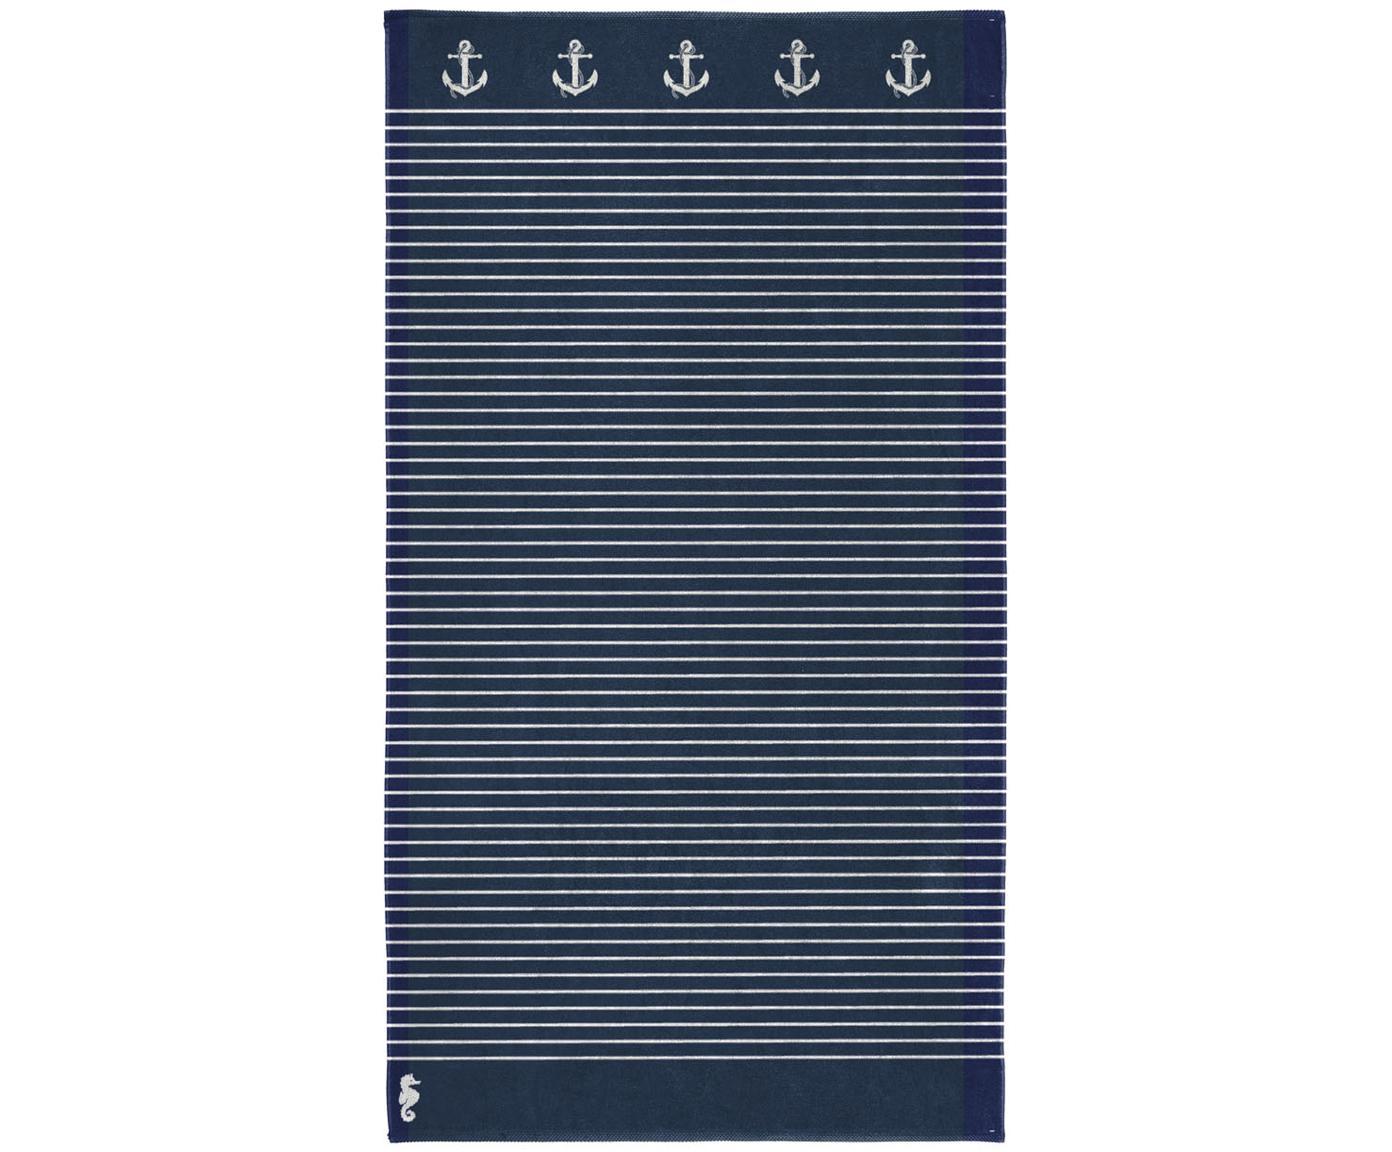 Telo mare a righe Sail Away, Cotone egiziano, qualità media 420 g / m, Blu scuro, bianco, Larg. 100 x Lung. 180 cm